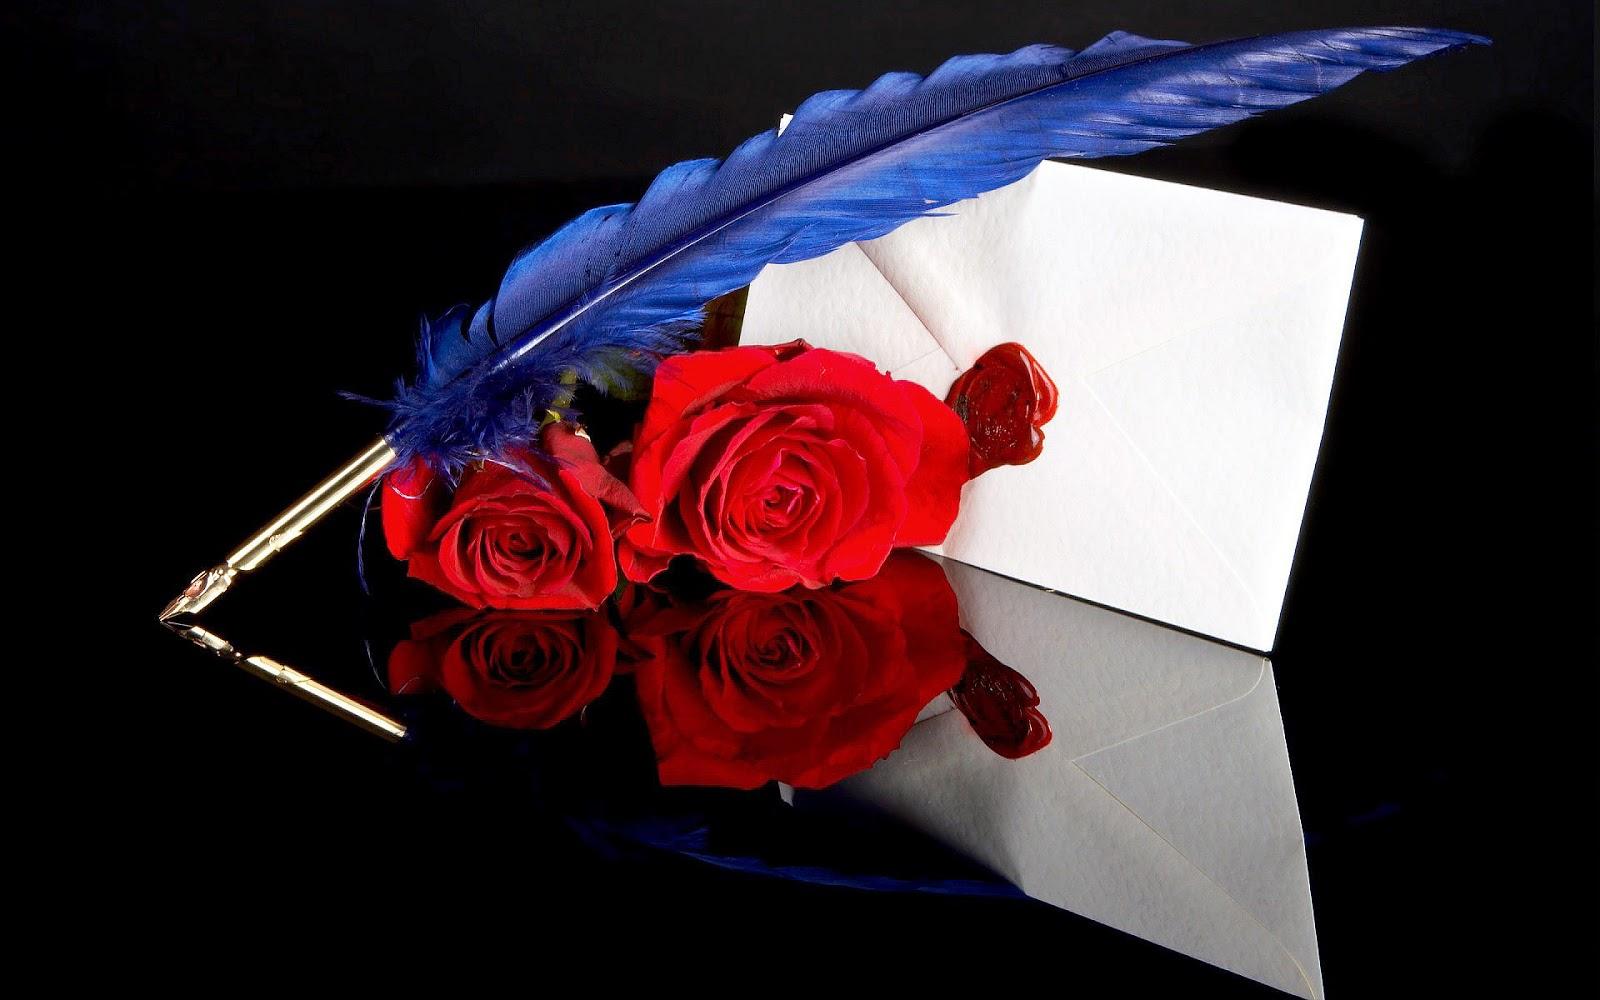 Witte envelop, blauwe veer als pen en rode rozen